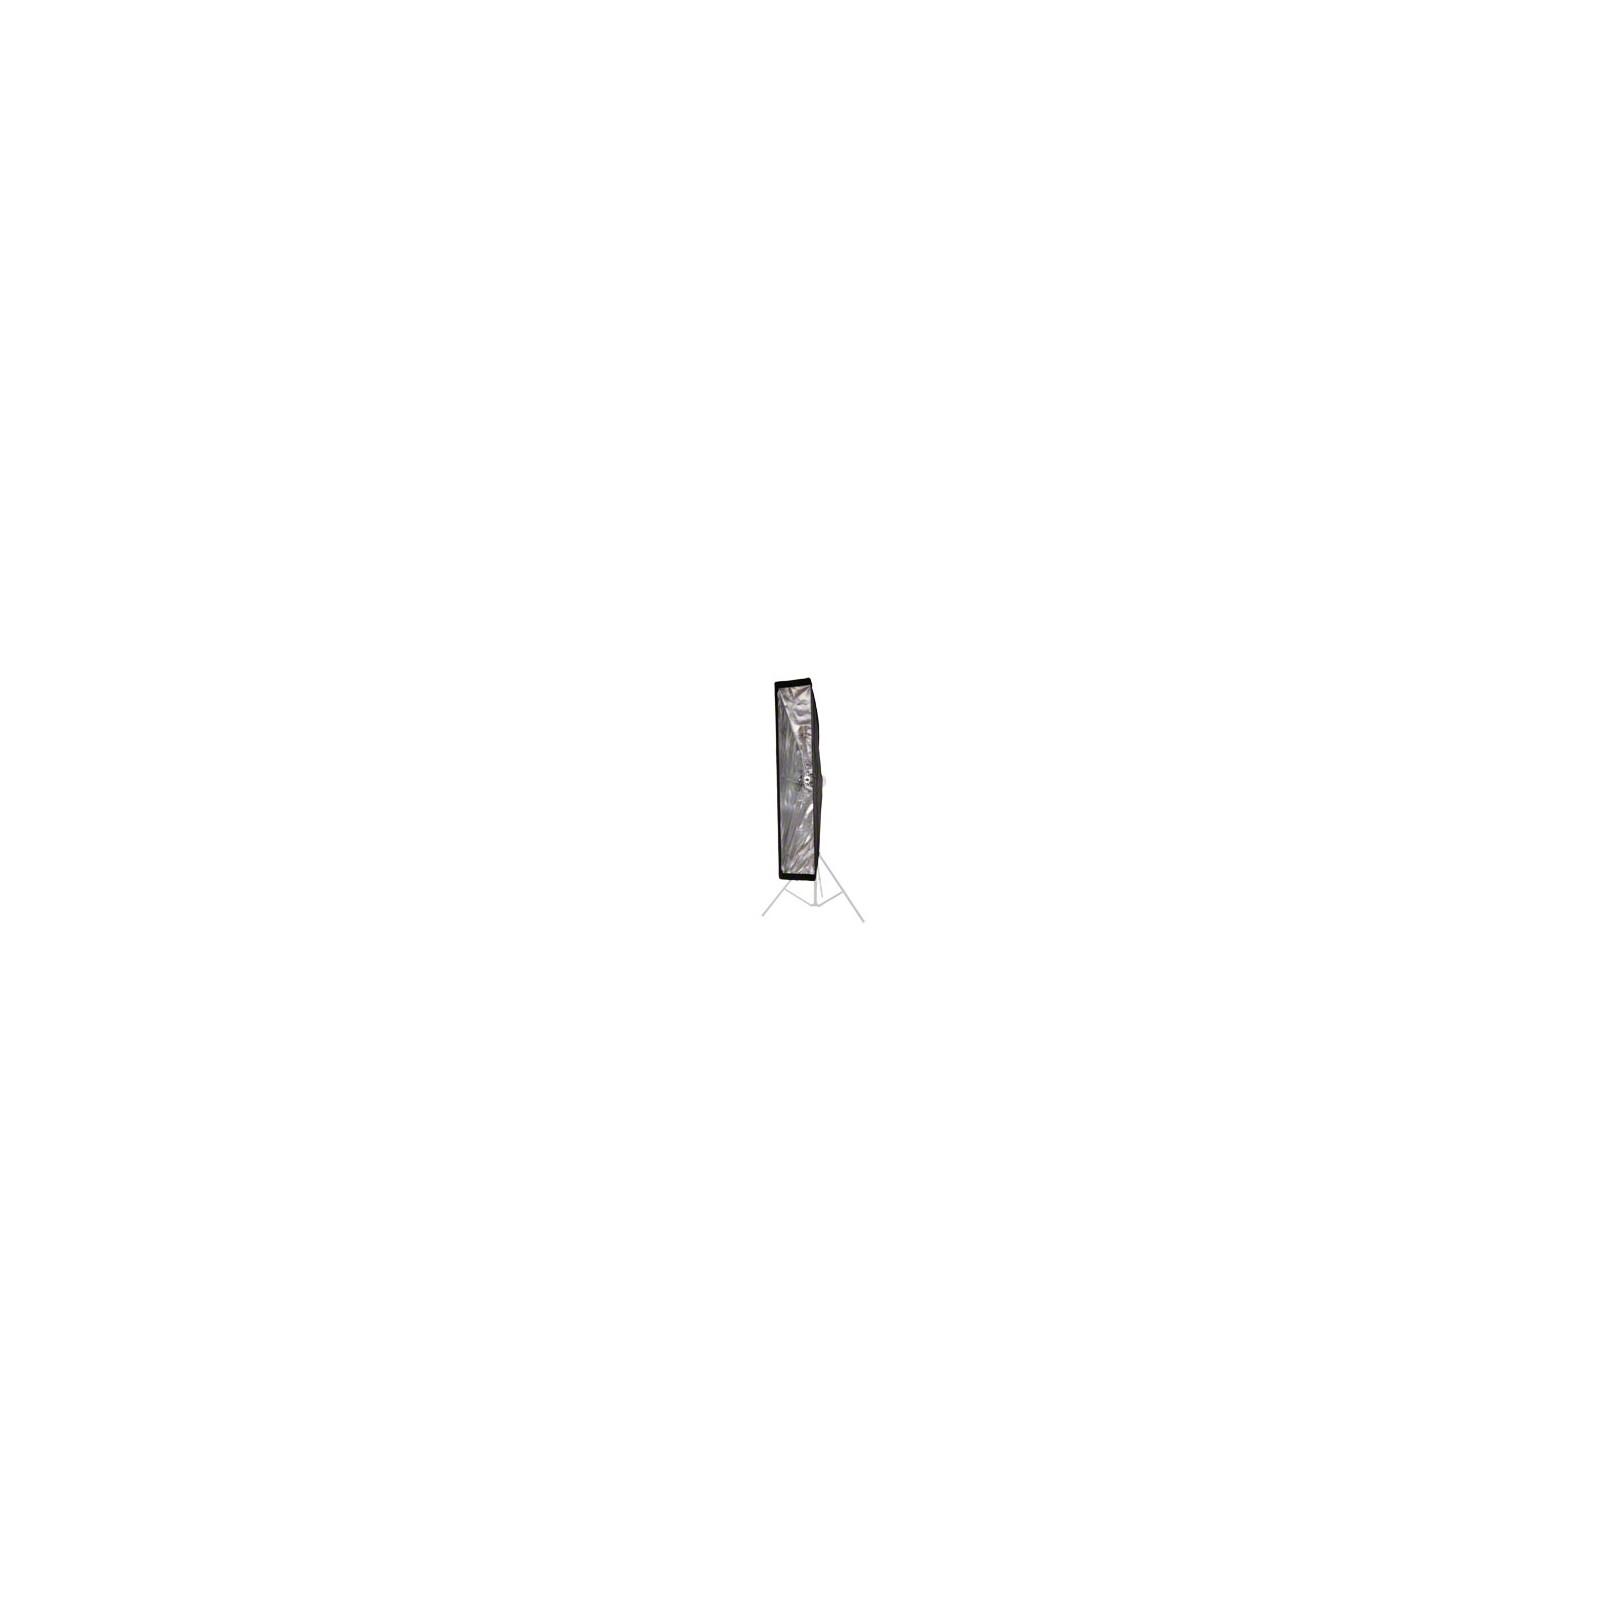 walimex pro easy Softbox 30x140cm  & K